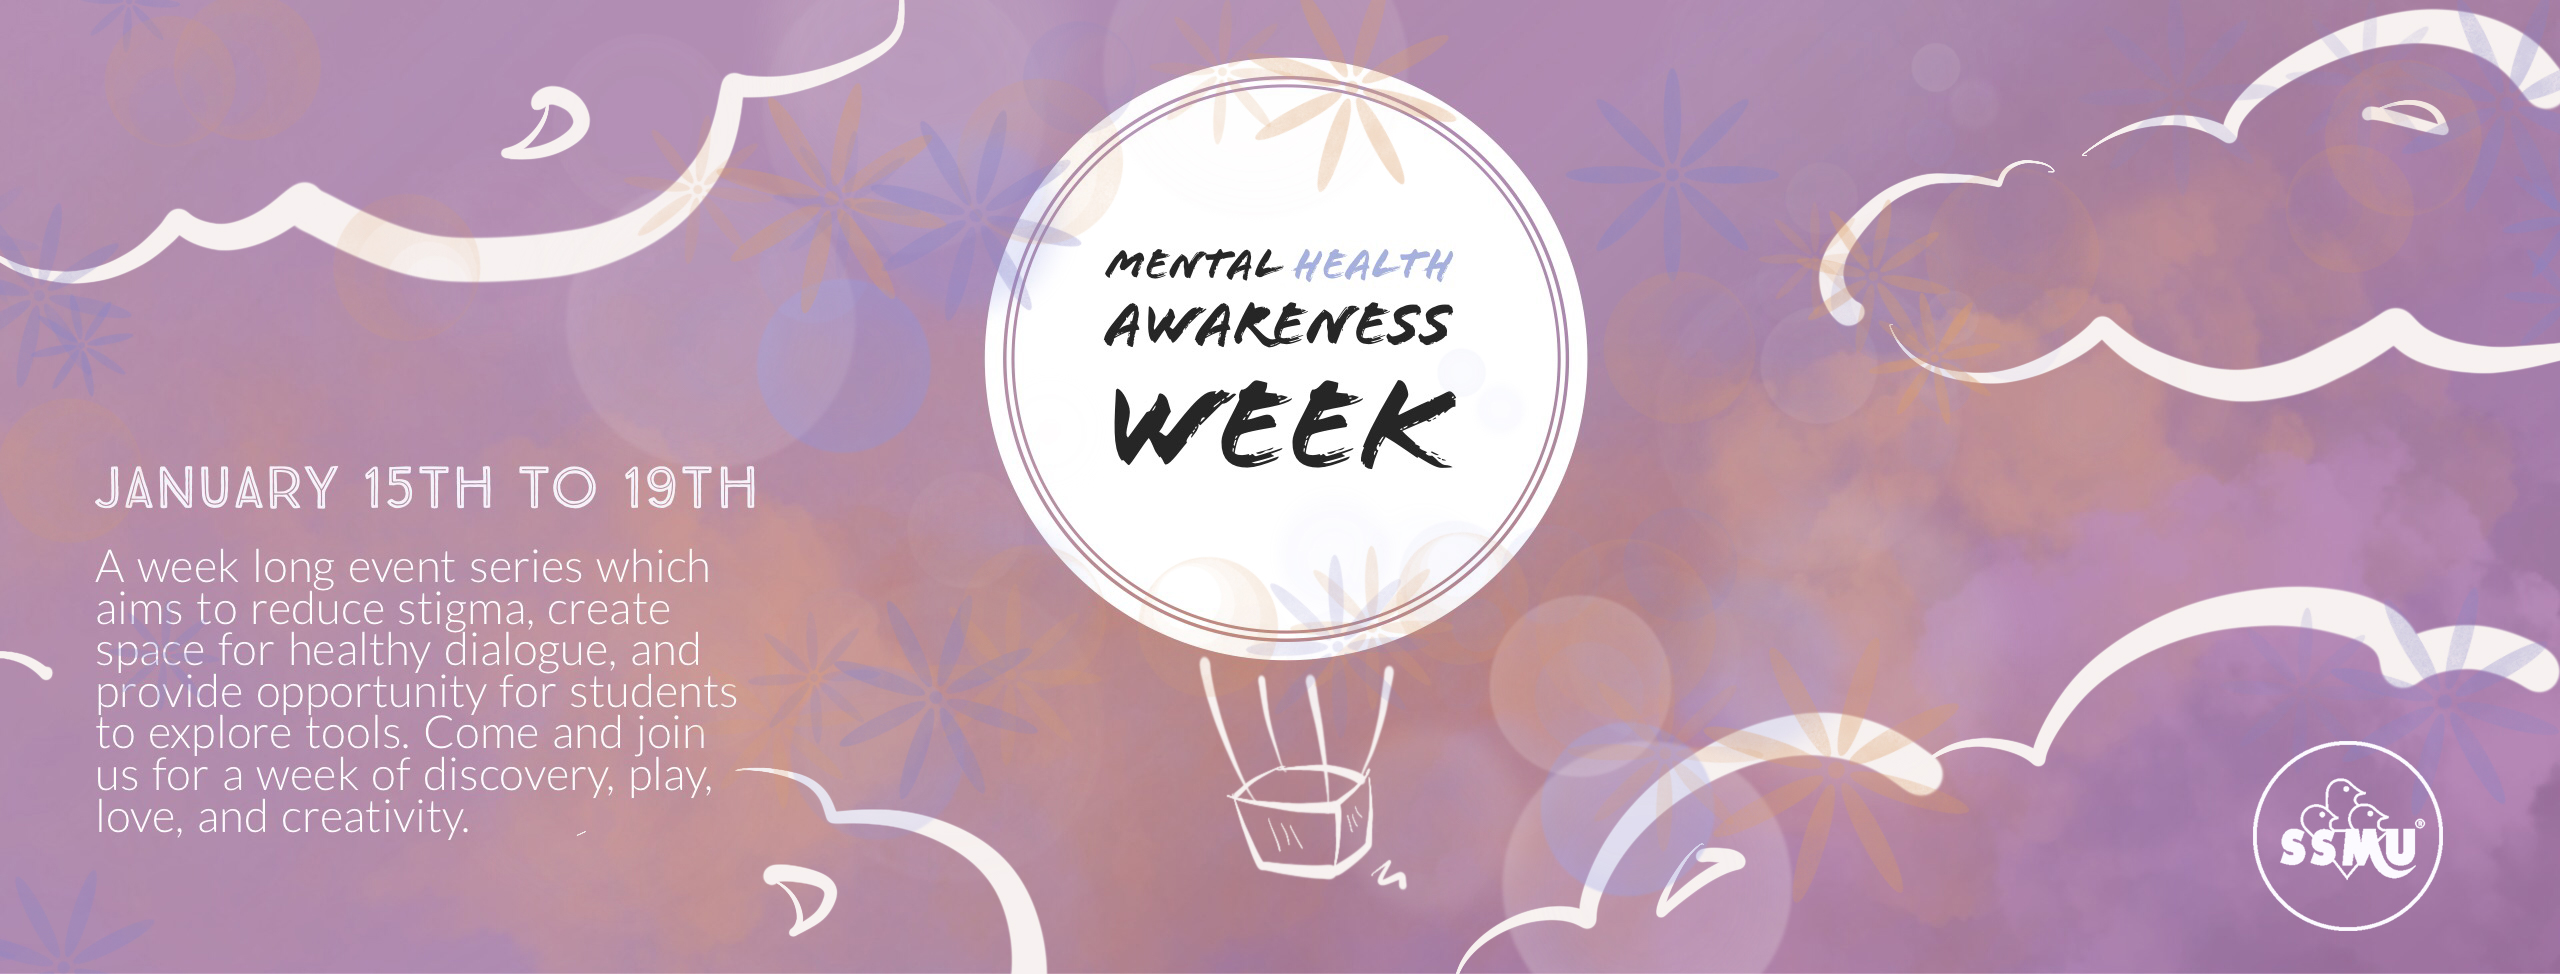 Mental Health Awareness Week: Workshops